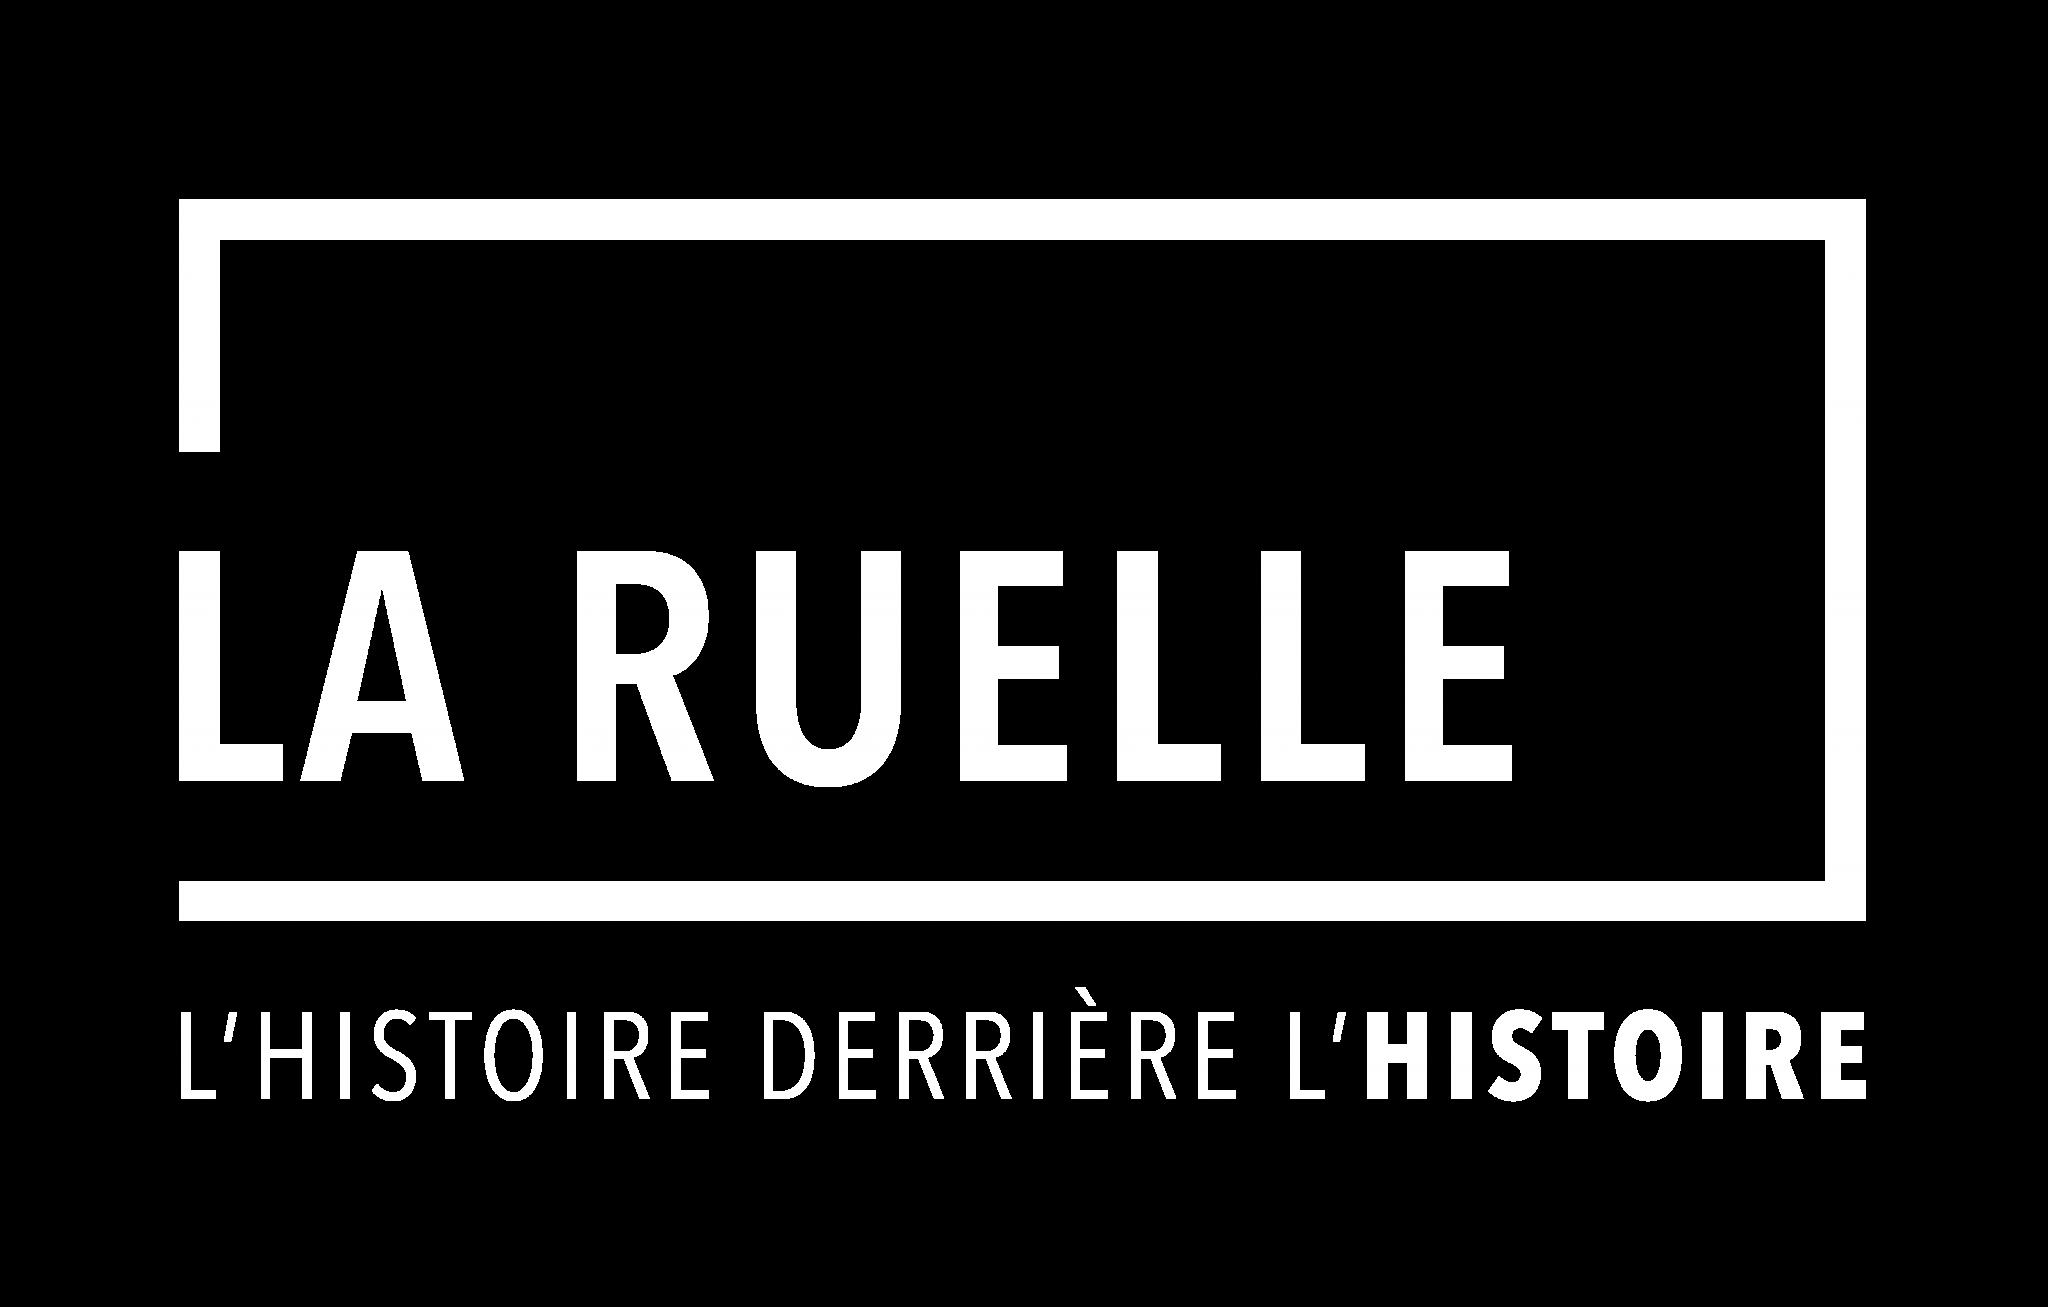 La Ruelle: L'histoire derrière l'histoire